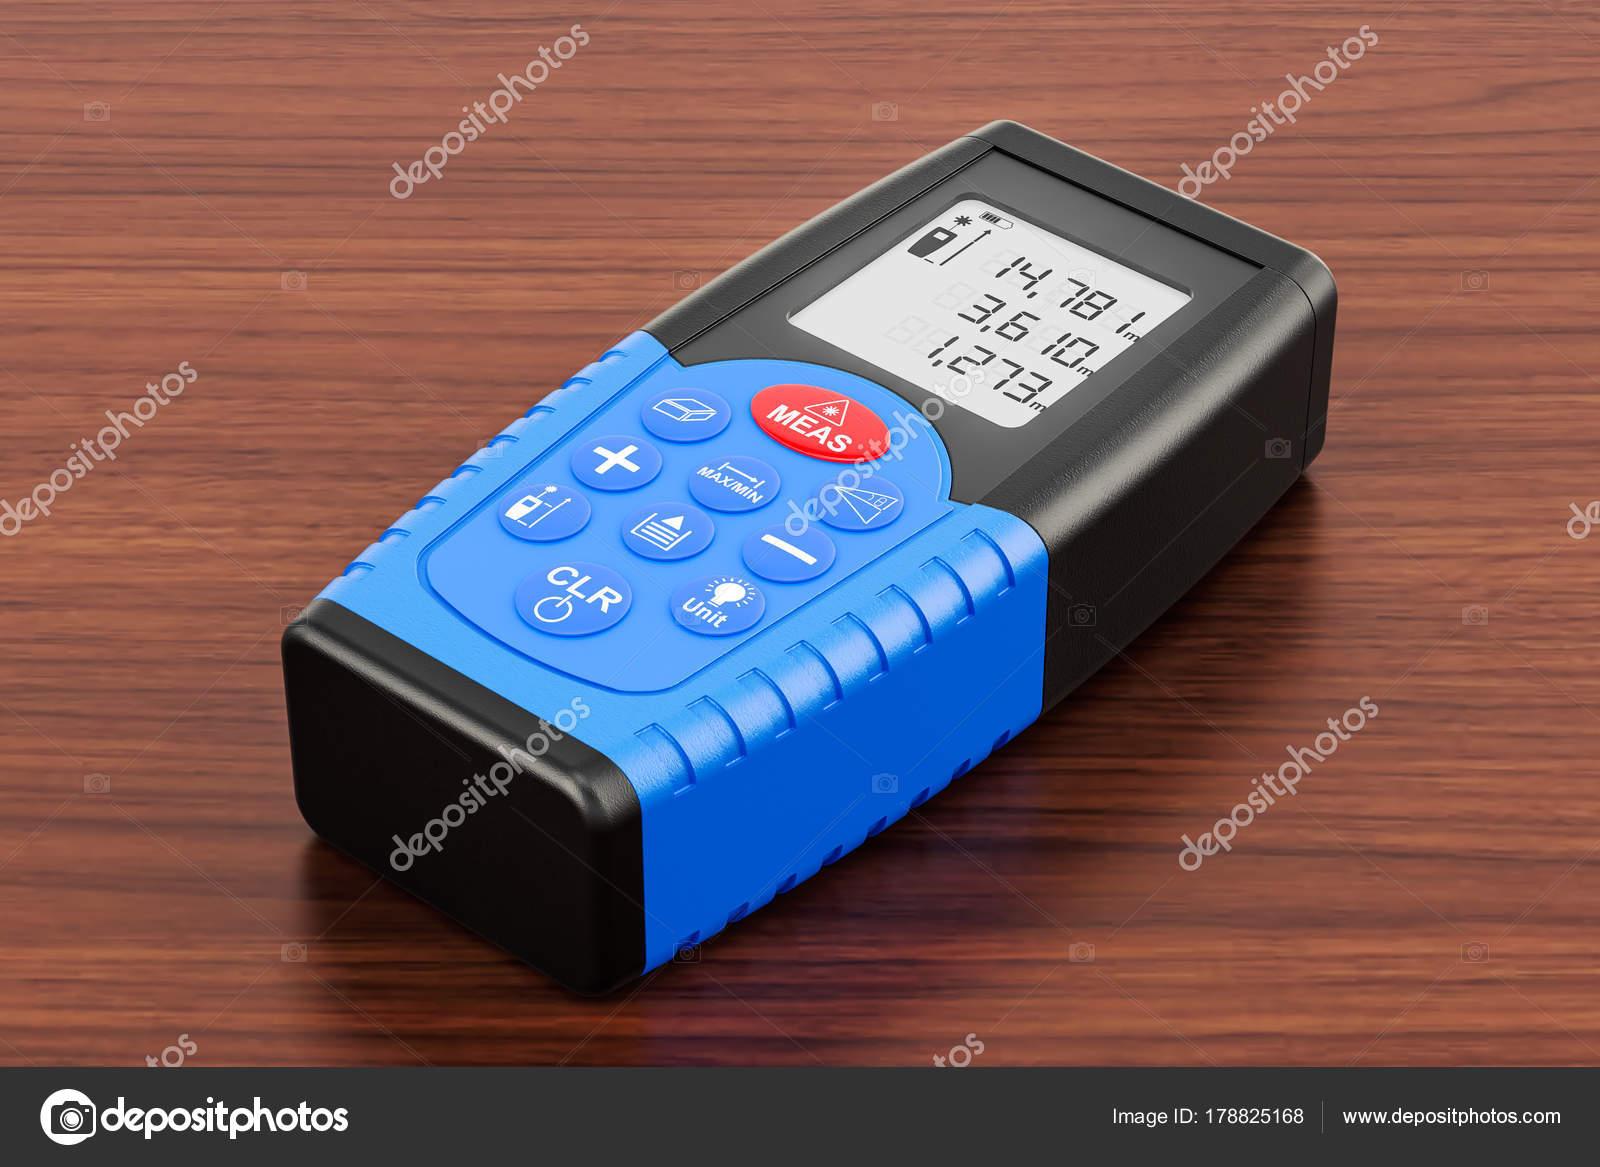 Laser Entfernungsmesser Wie Funktioniert : Laser entfernungsmesser auf dem holztisch d rendering